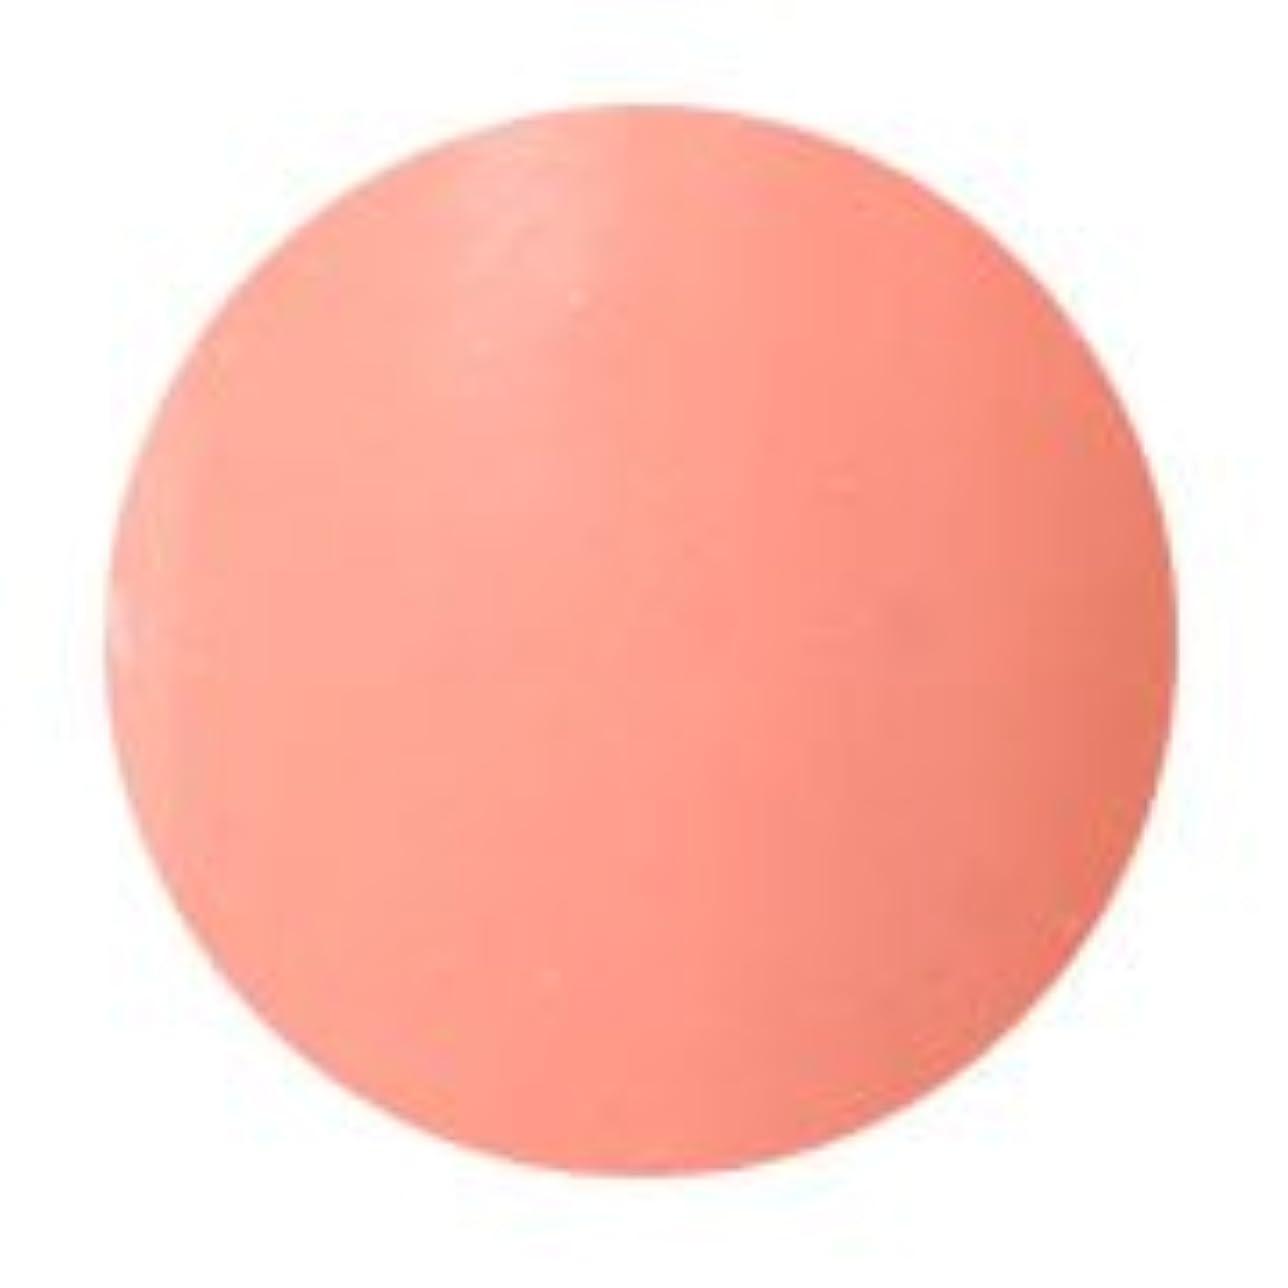 Putiel(プティール) カラージェル キャンディ 3g<BR>C14 ミルクオレンジ